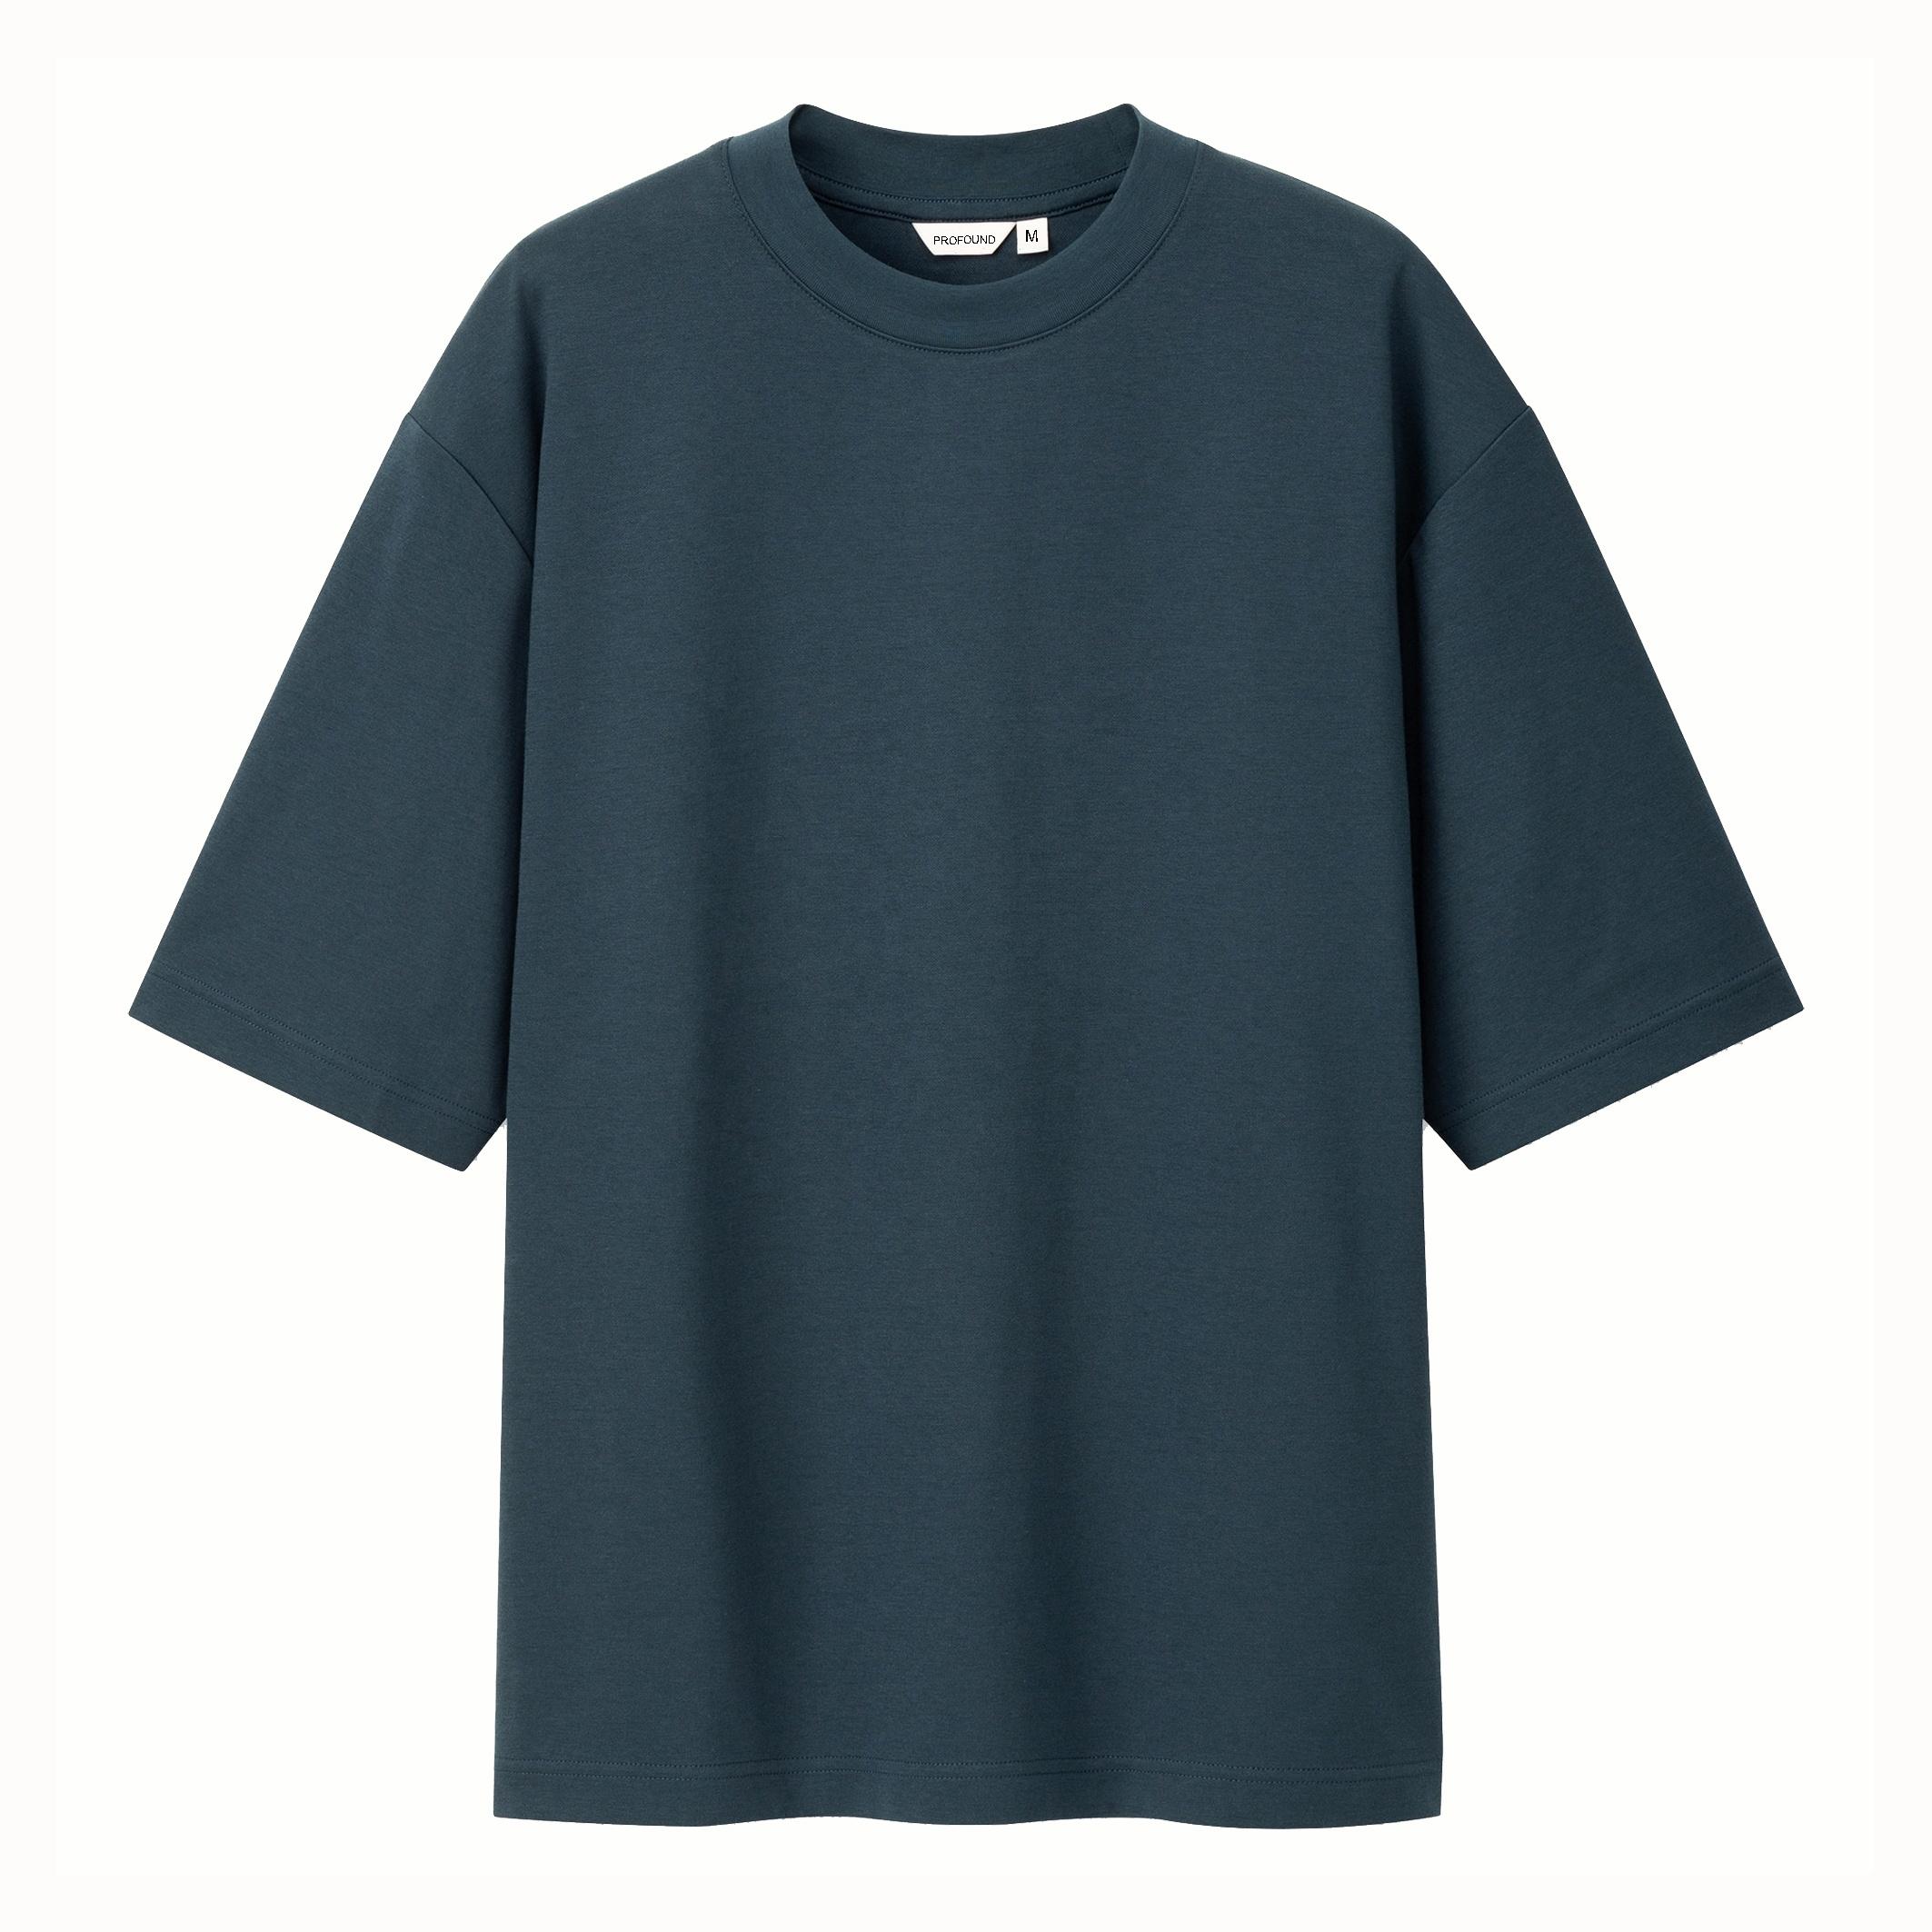 Toptan ucuz tasarım toplu t shirt ağır hip hop t-shirt erkekler % 100% pamuk mürettebat boyun siyah beyaz gömlek erkekler